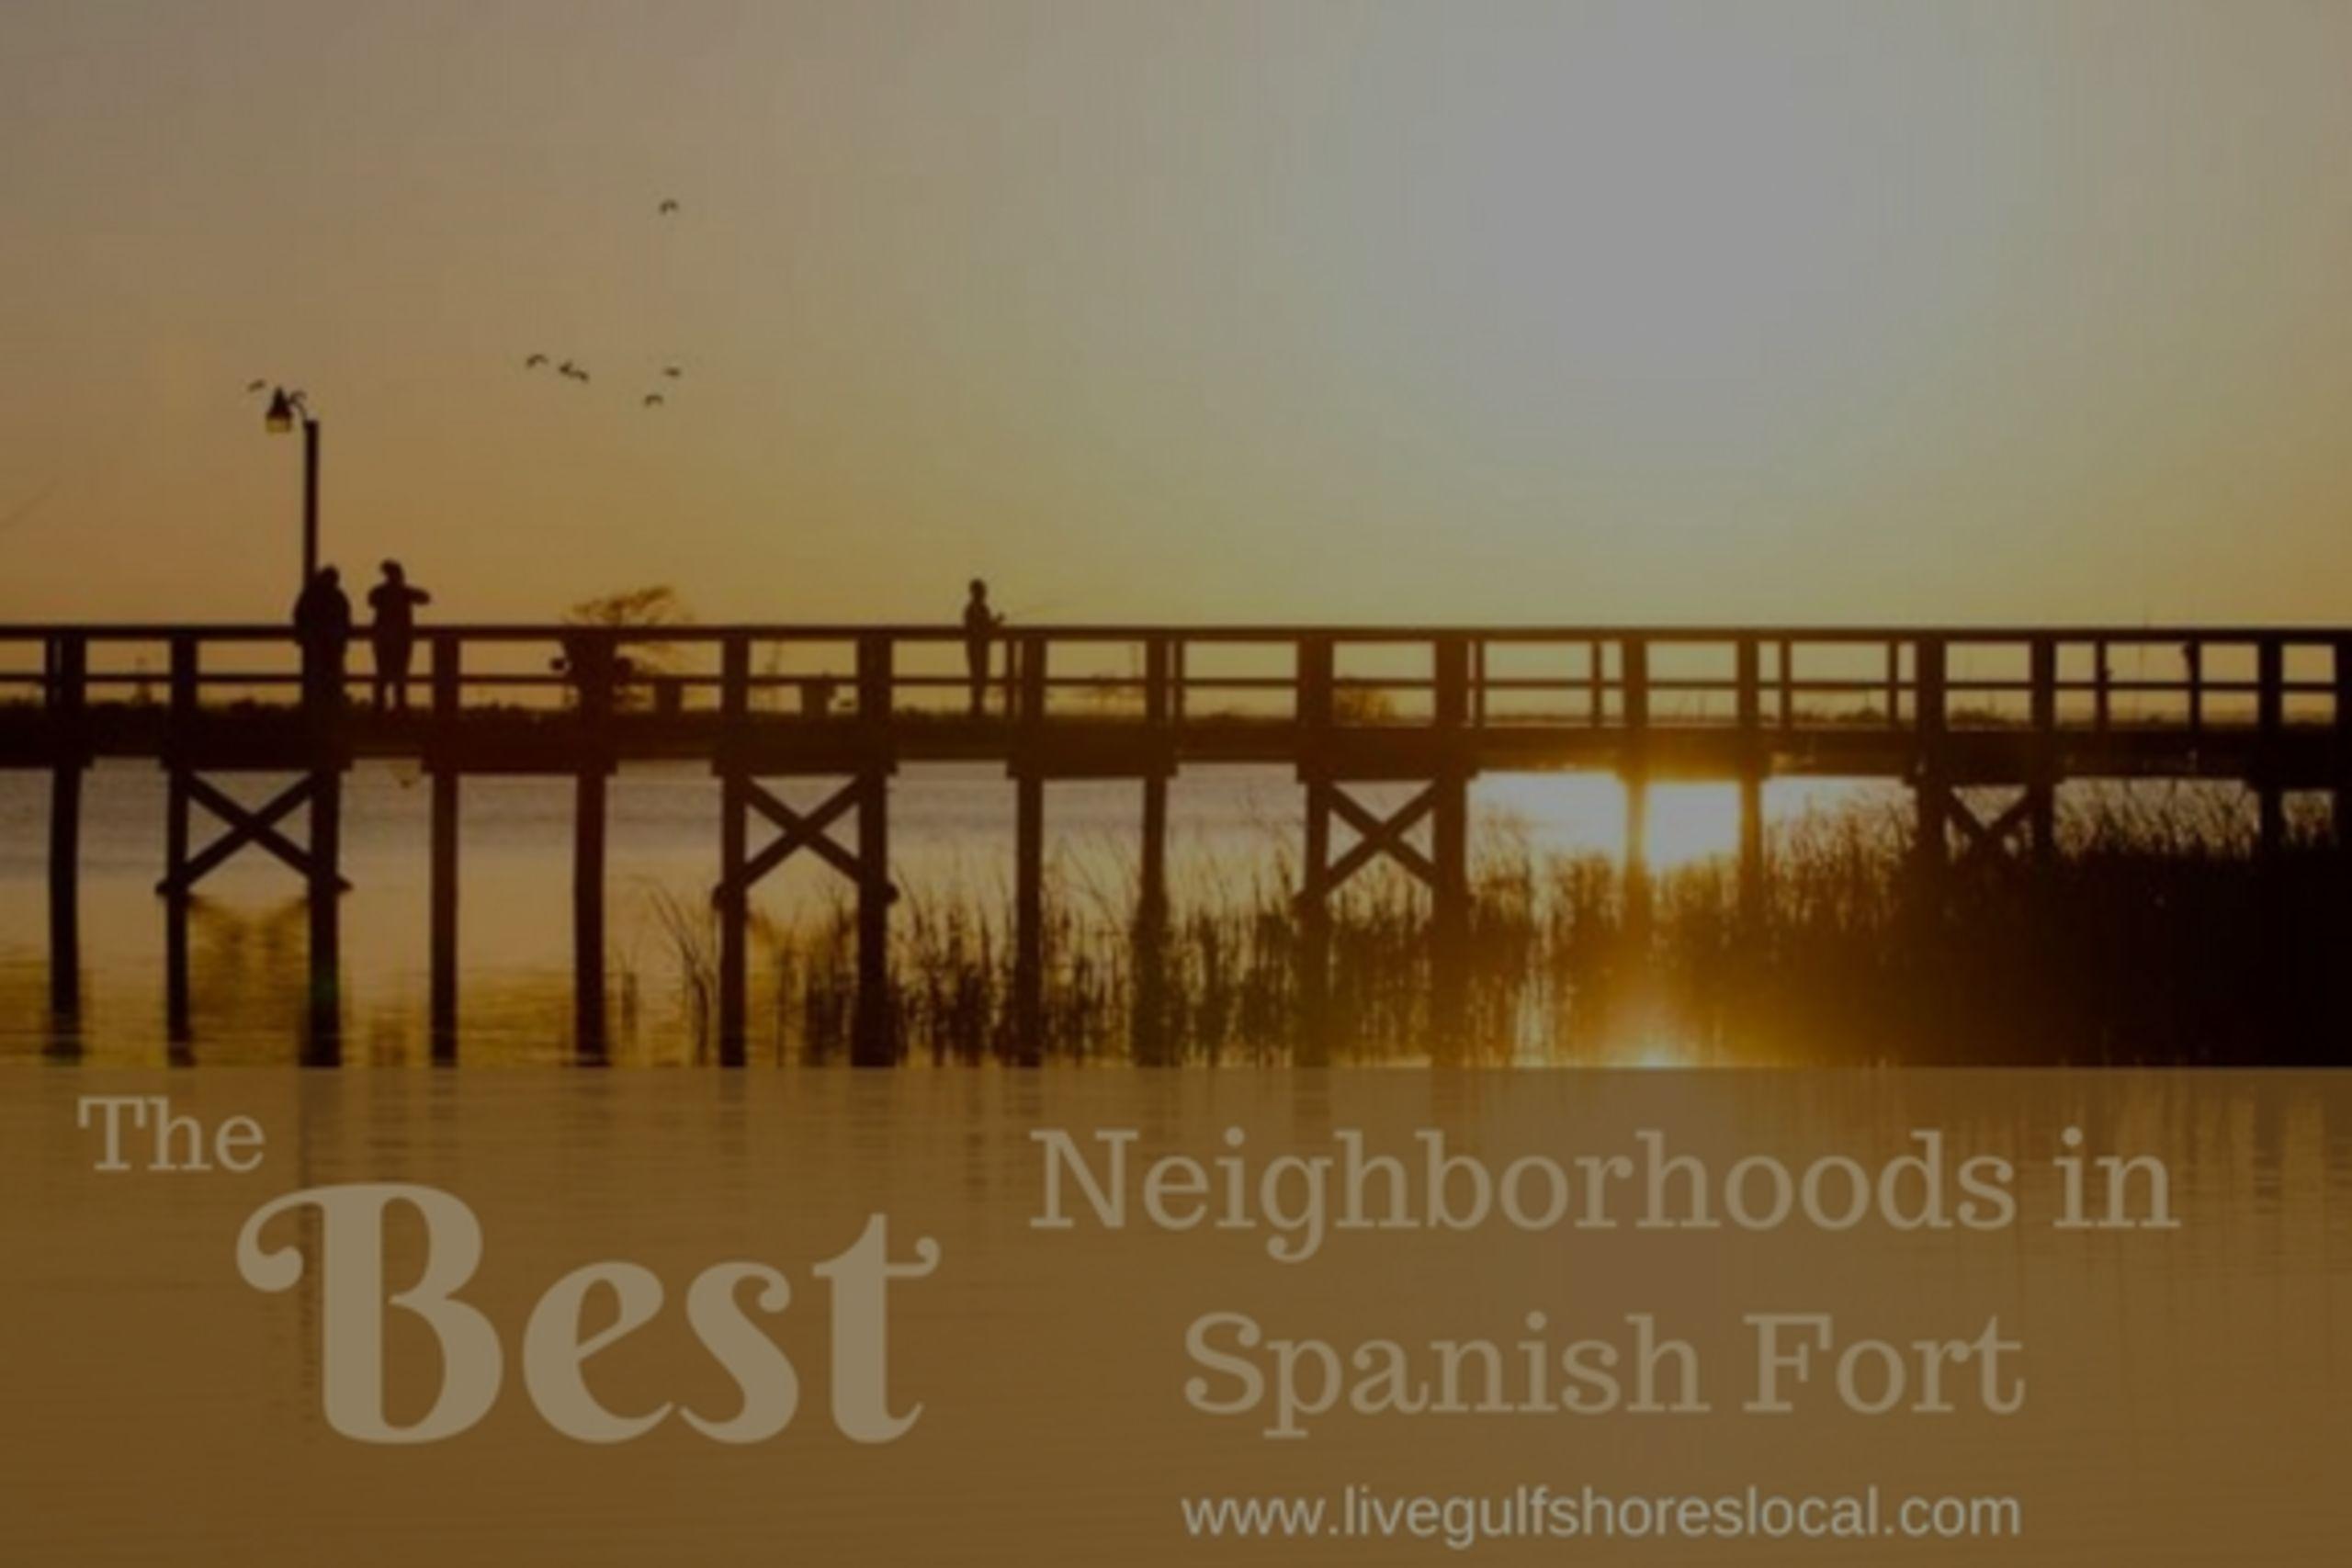 Best Neighborhoods in Spanish Fort – Winter 2017/2018